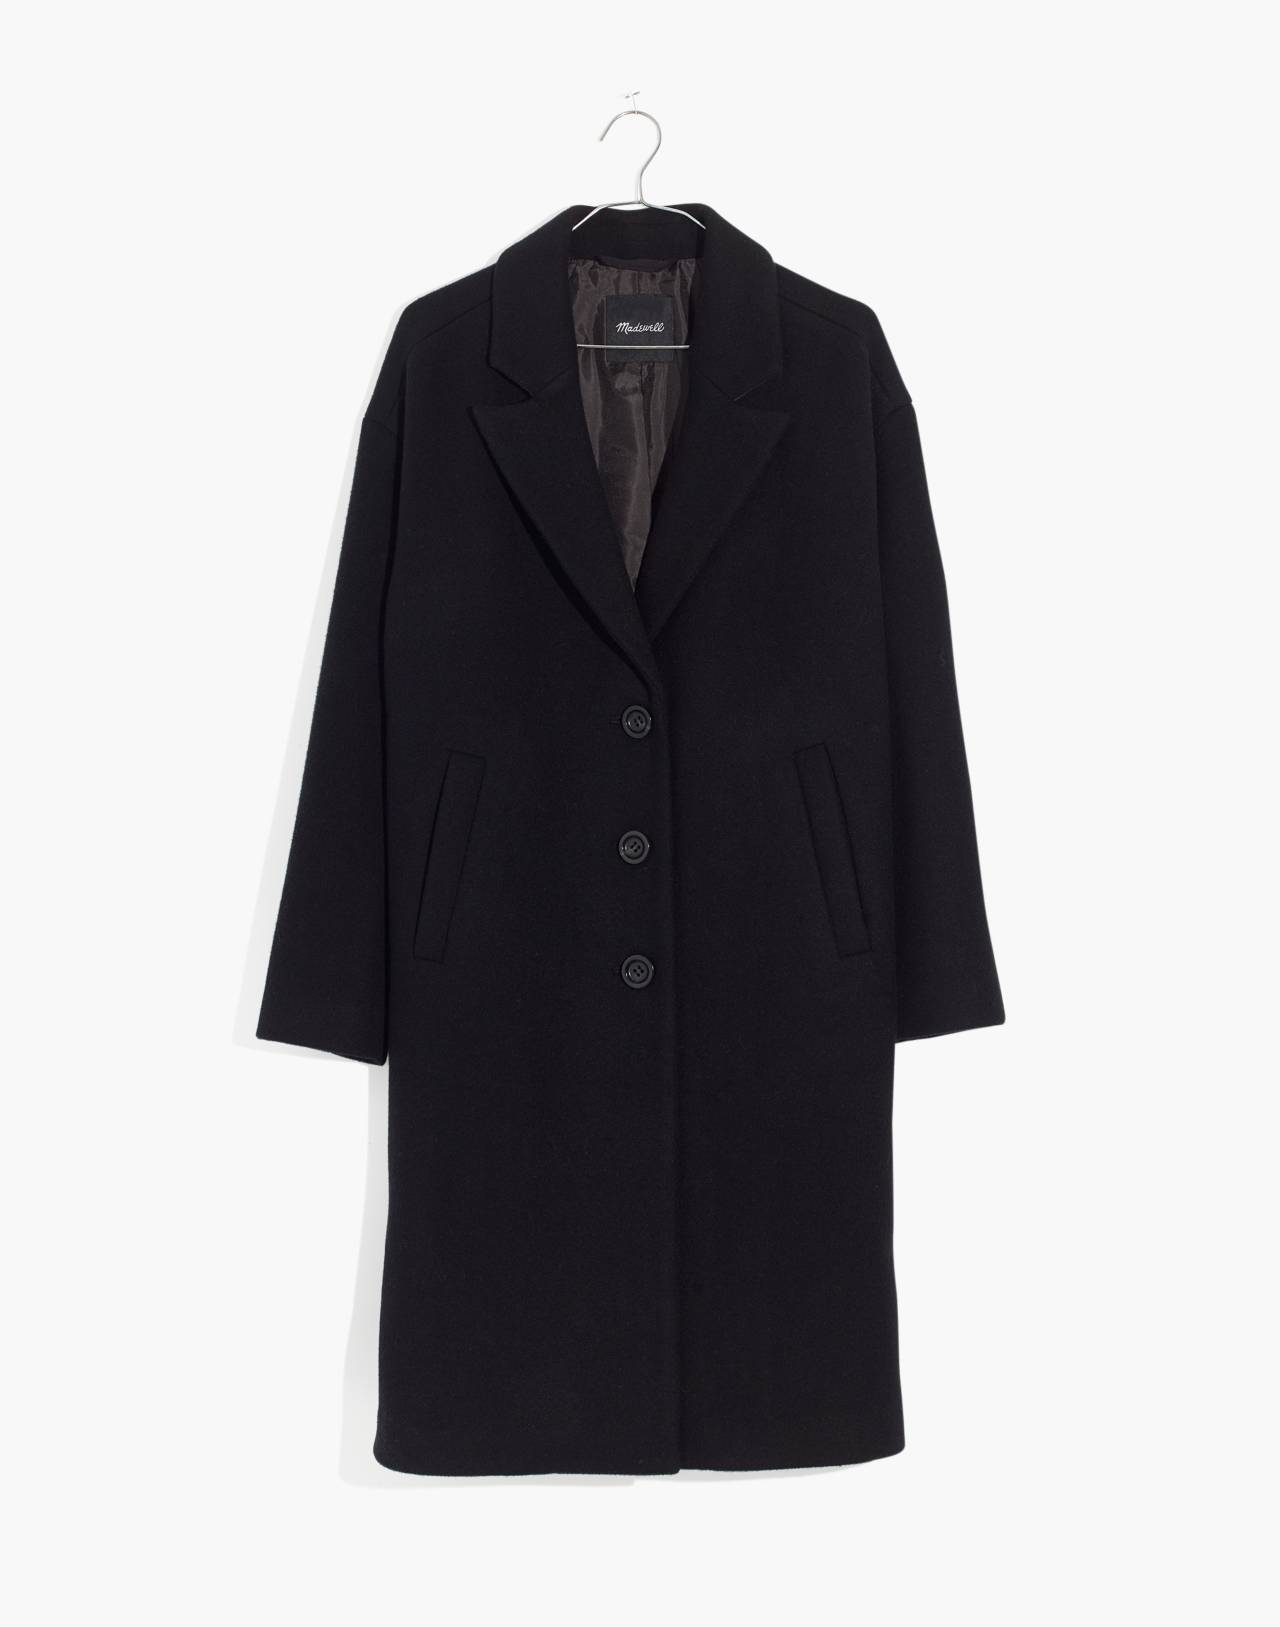 Bergen Cocoon Coat in true black image 4